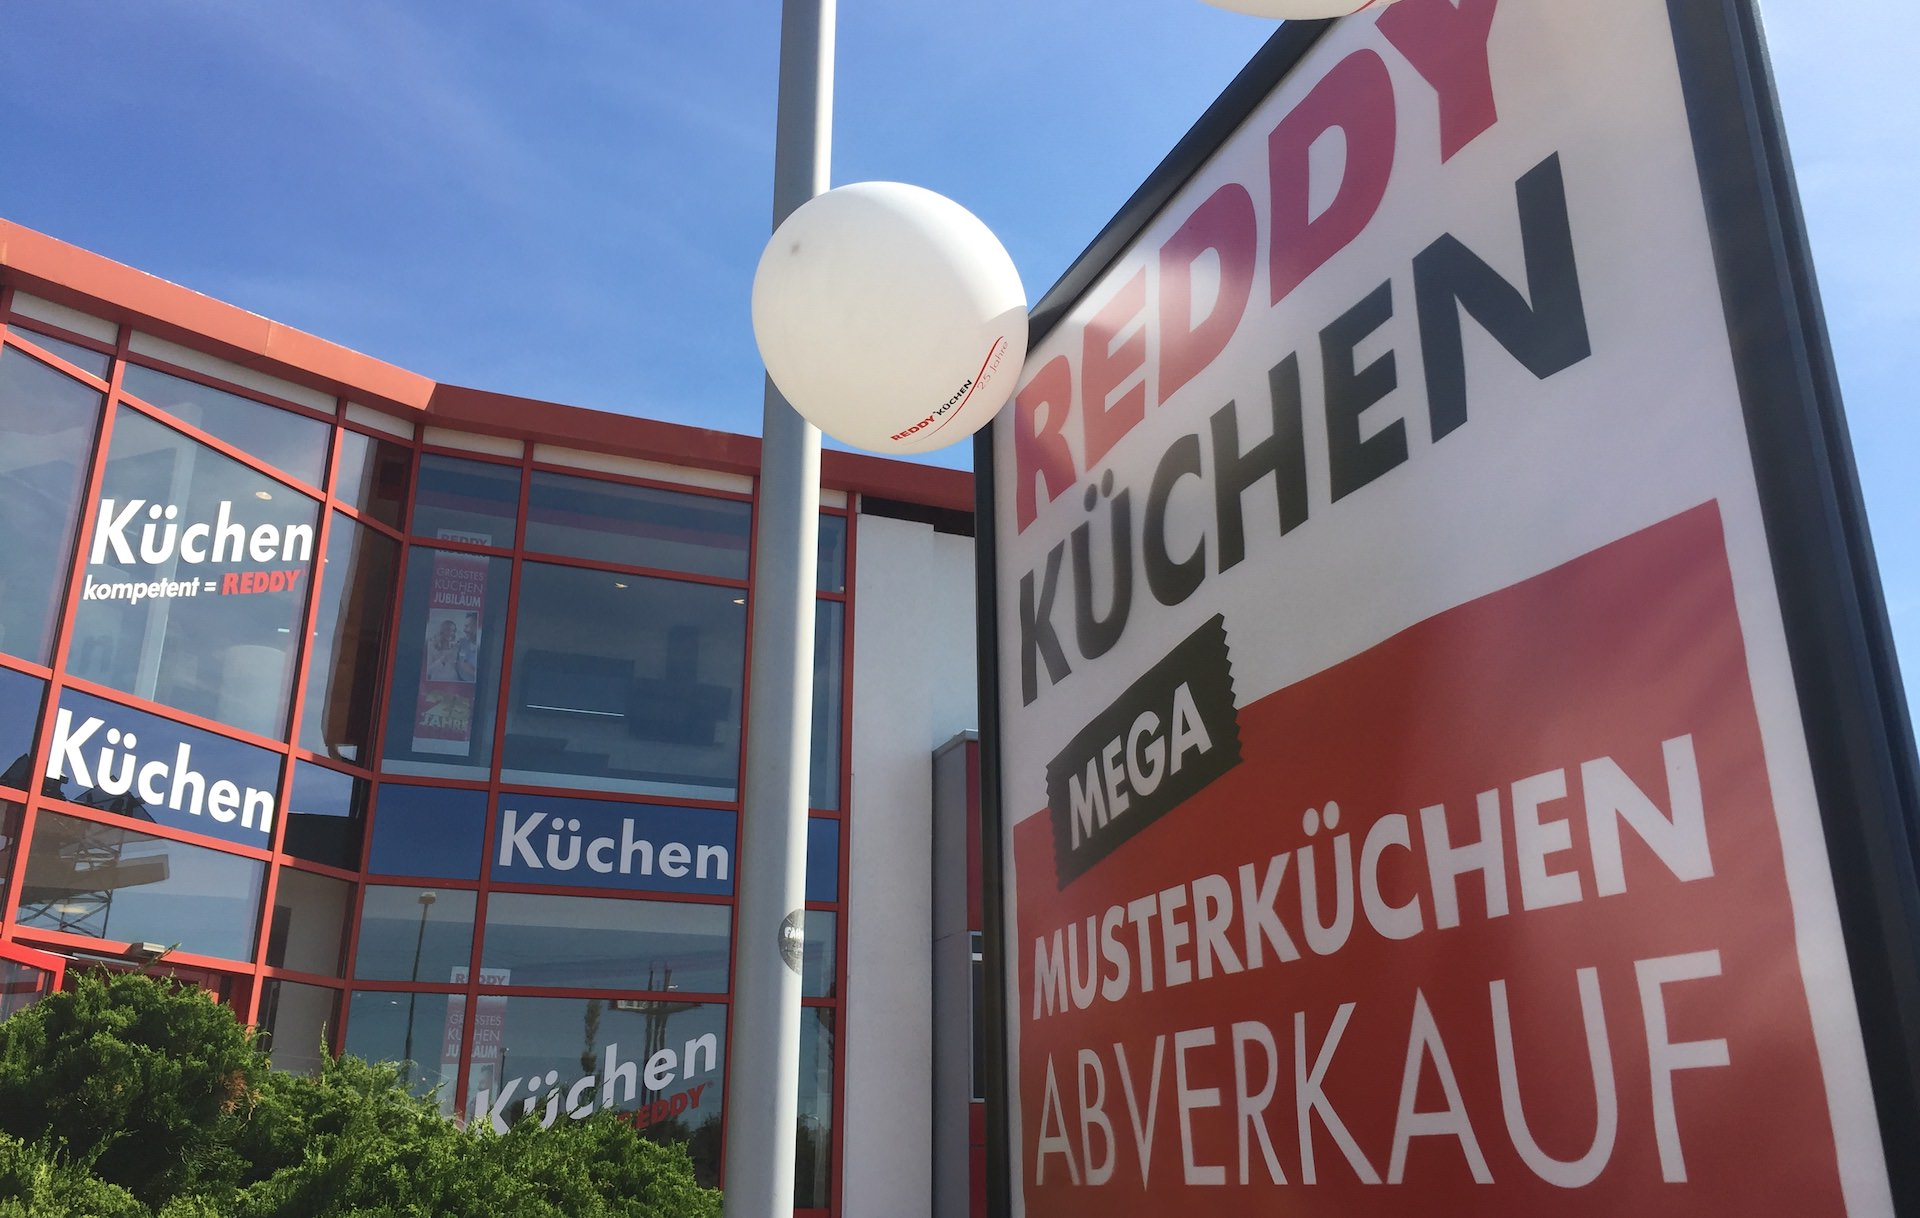 Full Size of Wegen Komplettumbau Abverkauf Bei Reddy Kchen Inselküche Bad Wohnzimmer Ausstellungsküchen Abverkauf